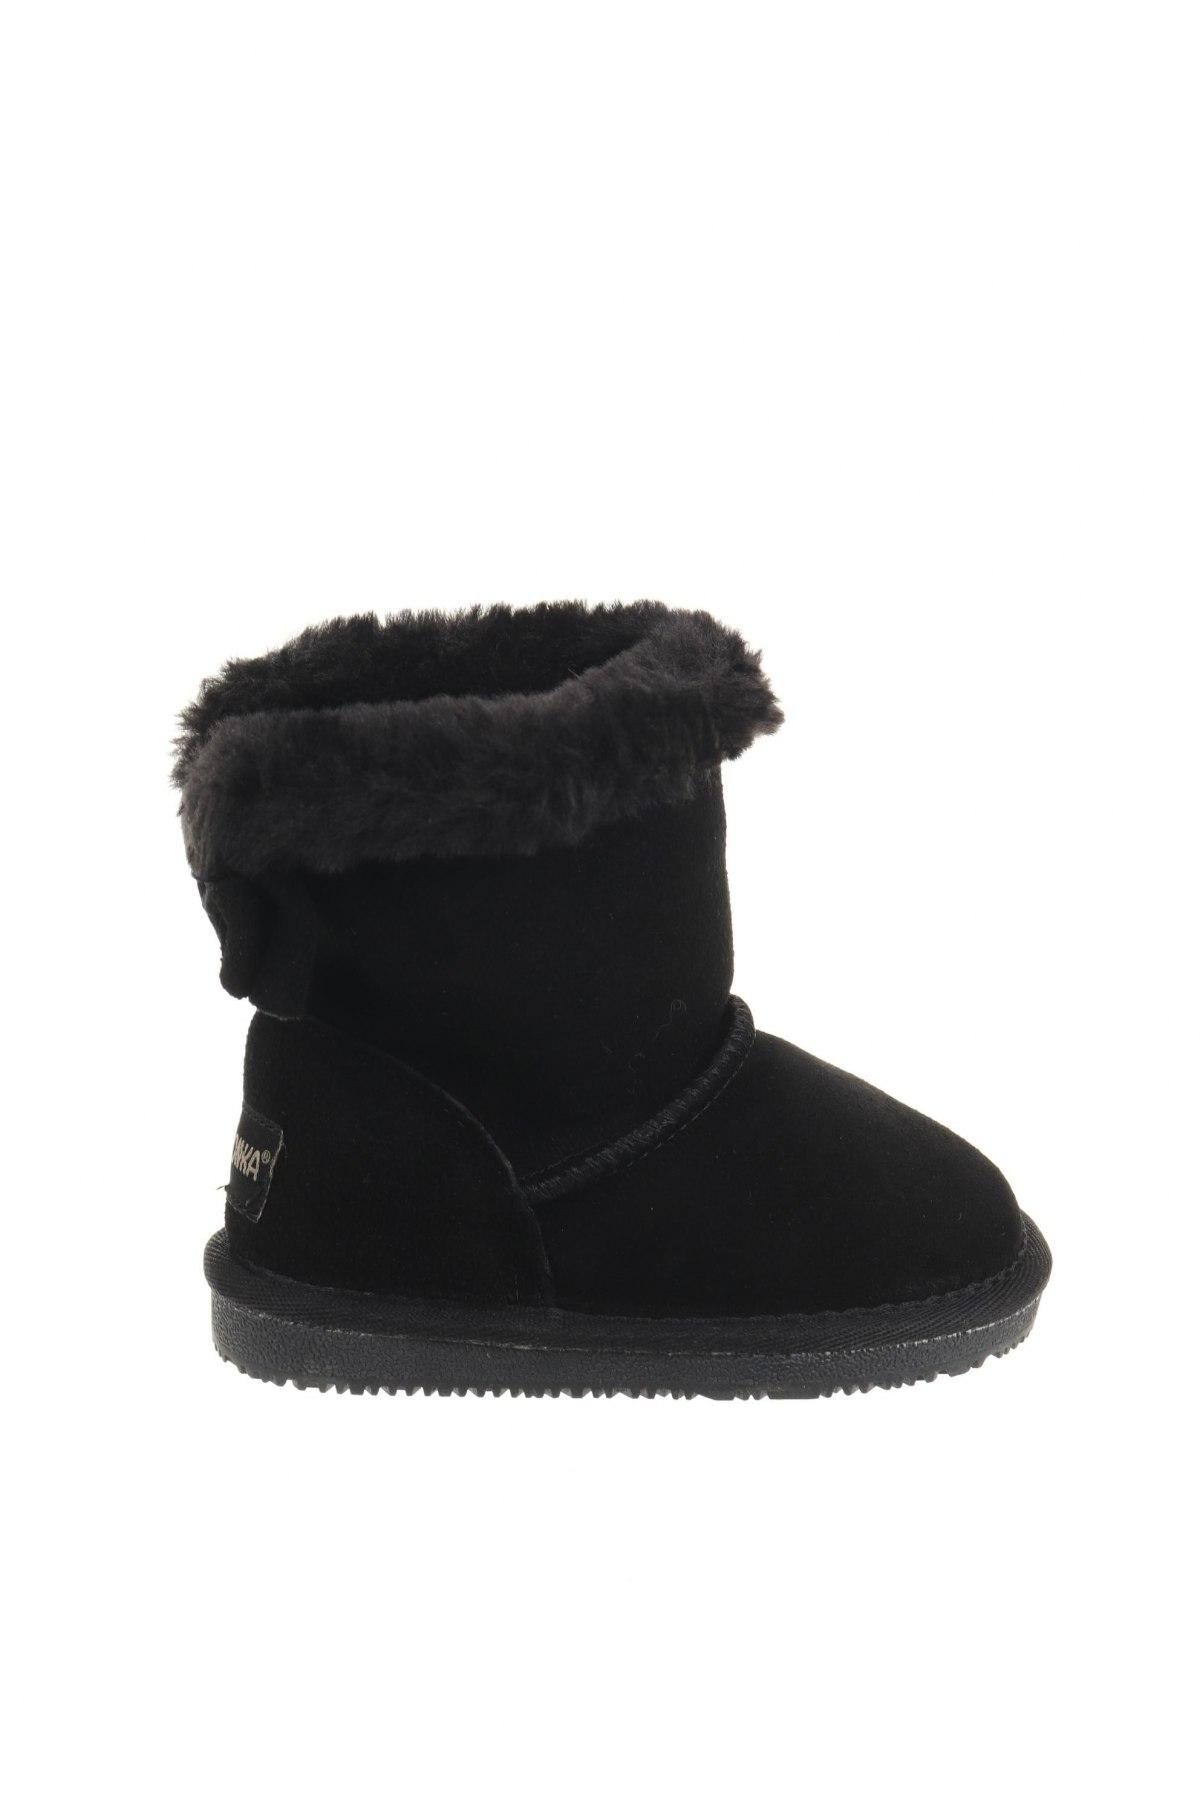 Παιδικά παπούτσια Minnetonka, Μέγεθος 23, Χρώμα Μαύρο, Φυσικό σουέτ, Τιμή 30,81€